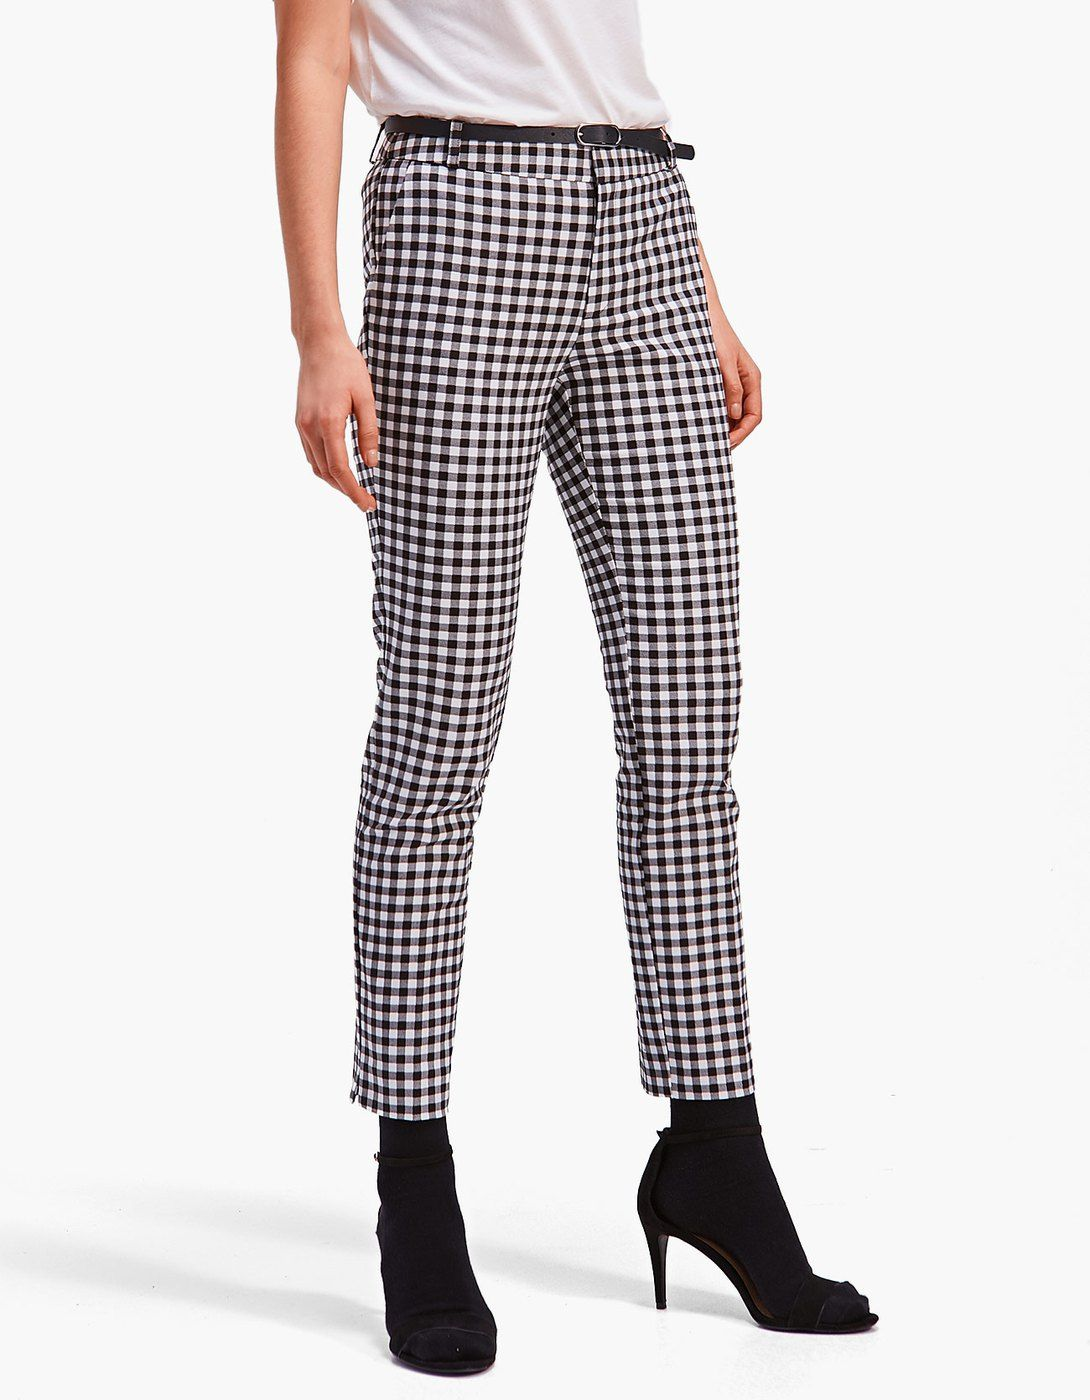 Pantalón vestir con cinturón vichy - Pantalones  e84e4de6d74d